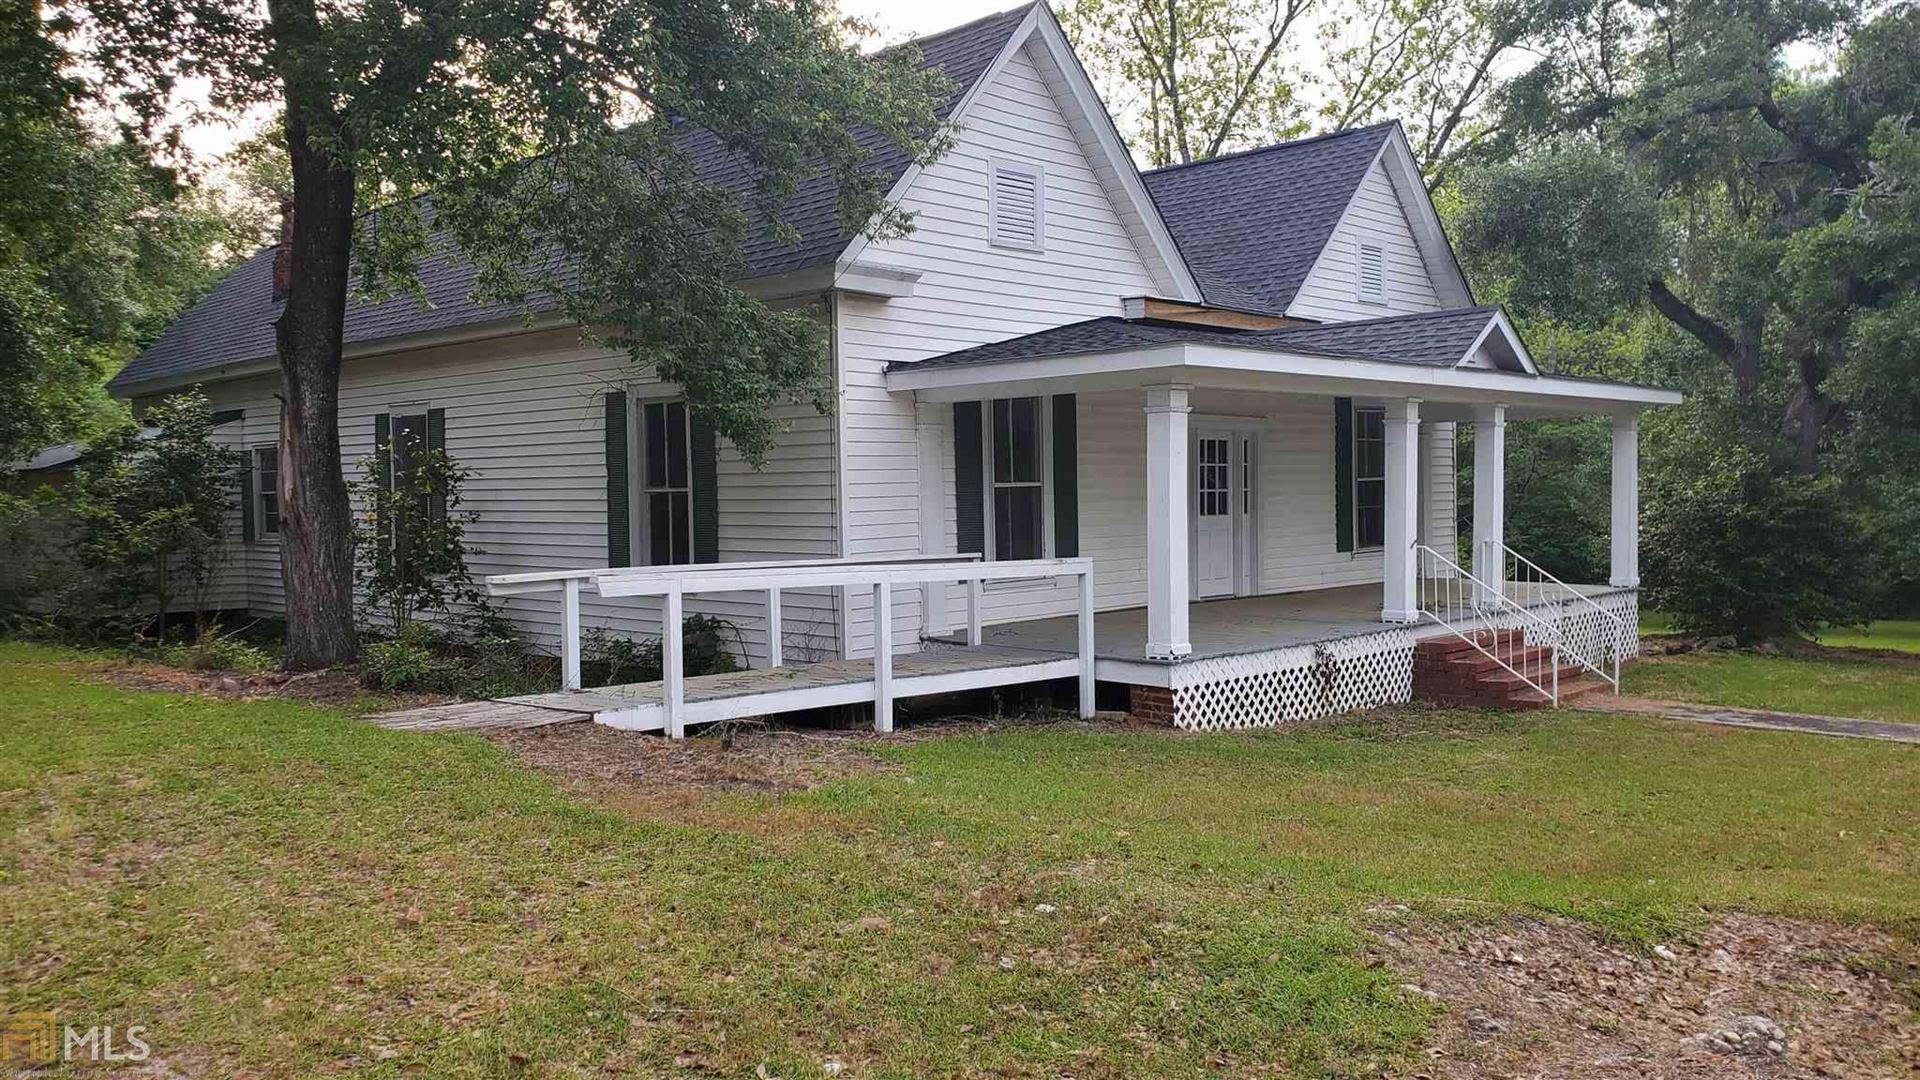 302 S Green St, Swainsboro, GA 30401 - #: 8785965